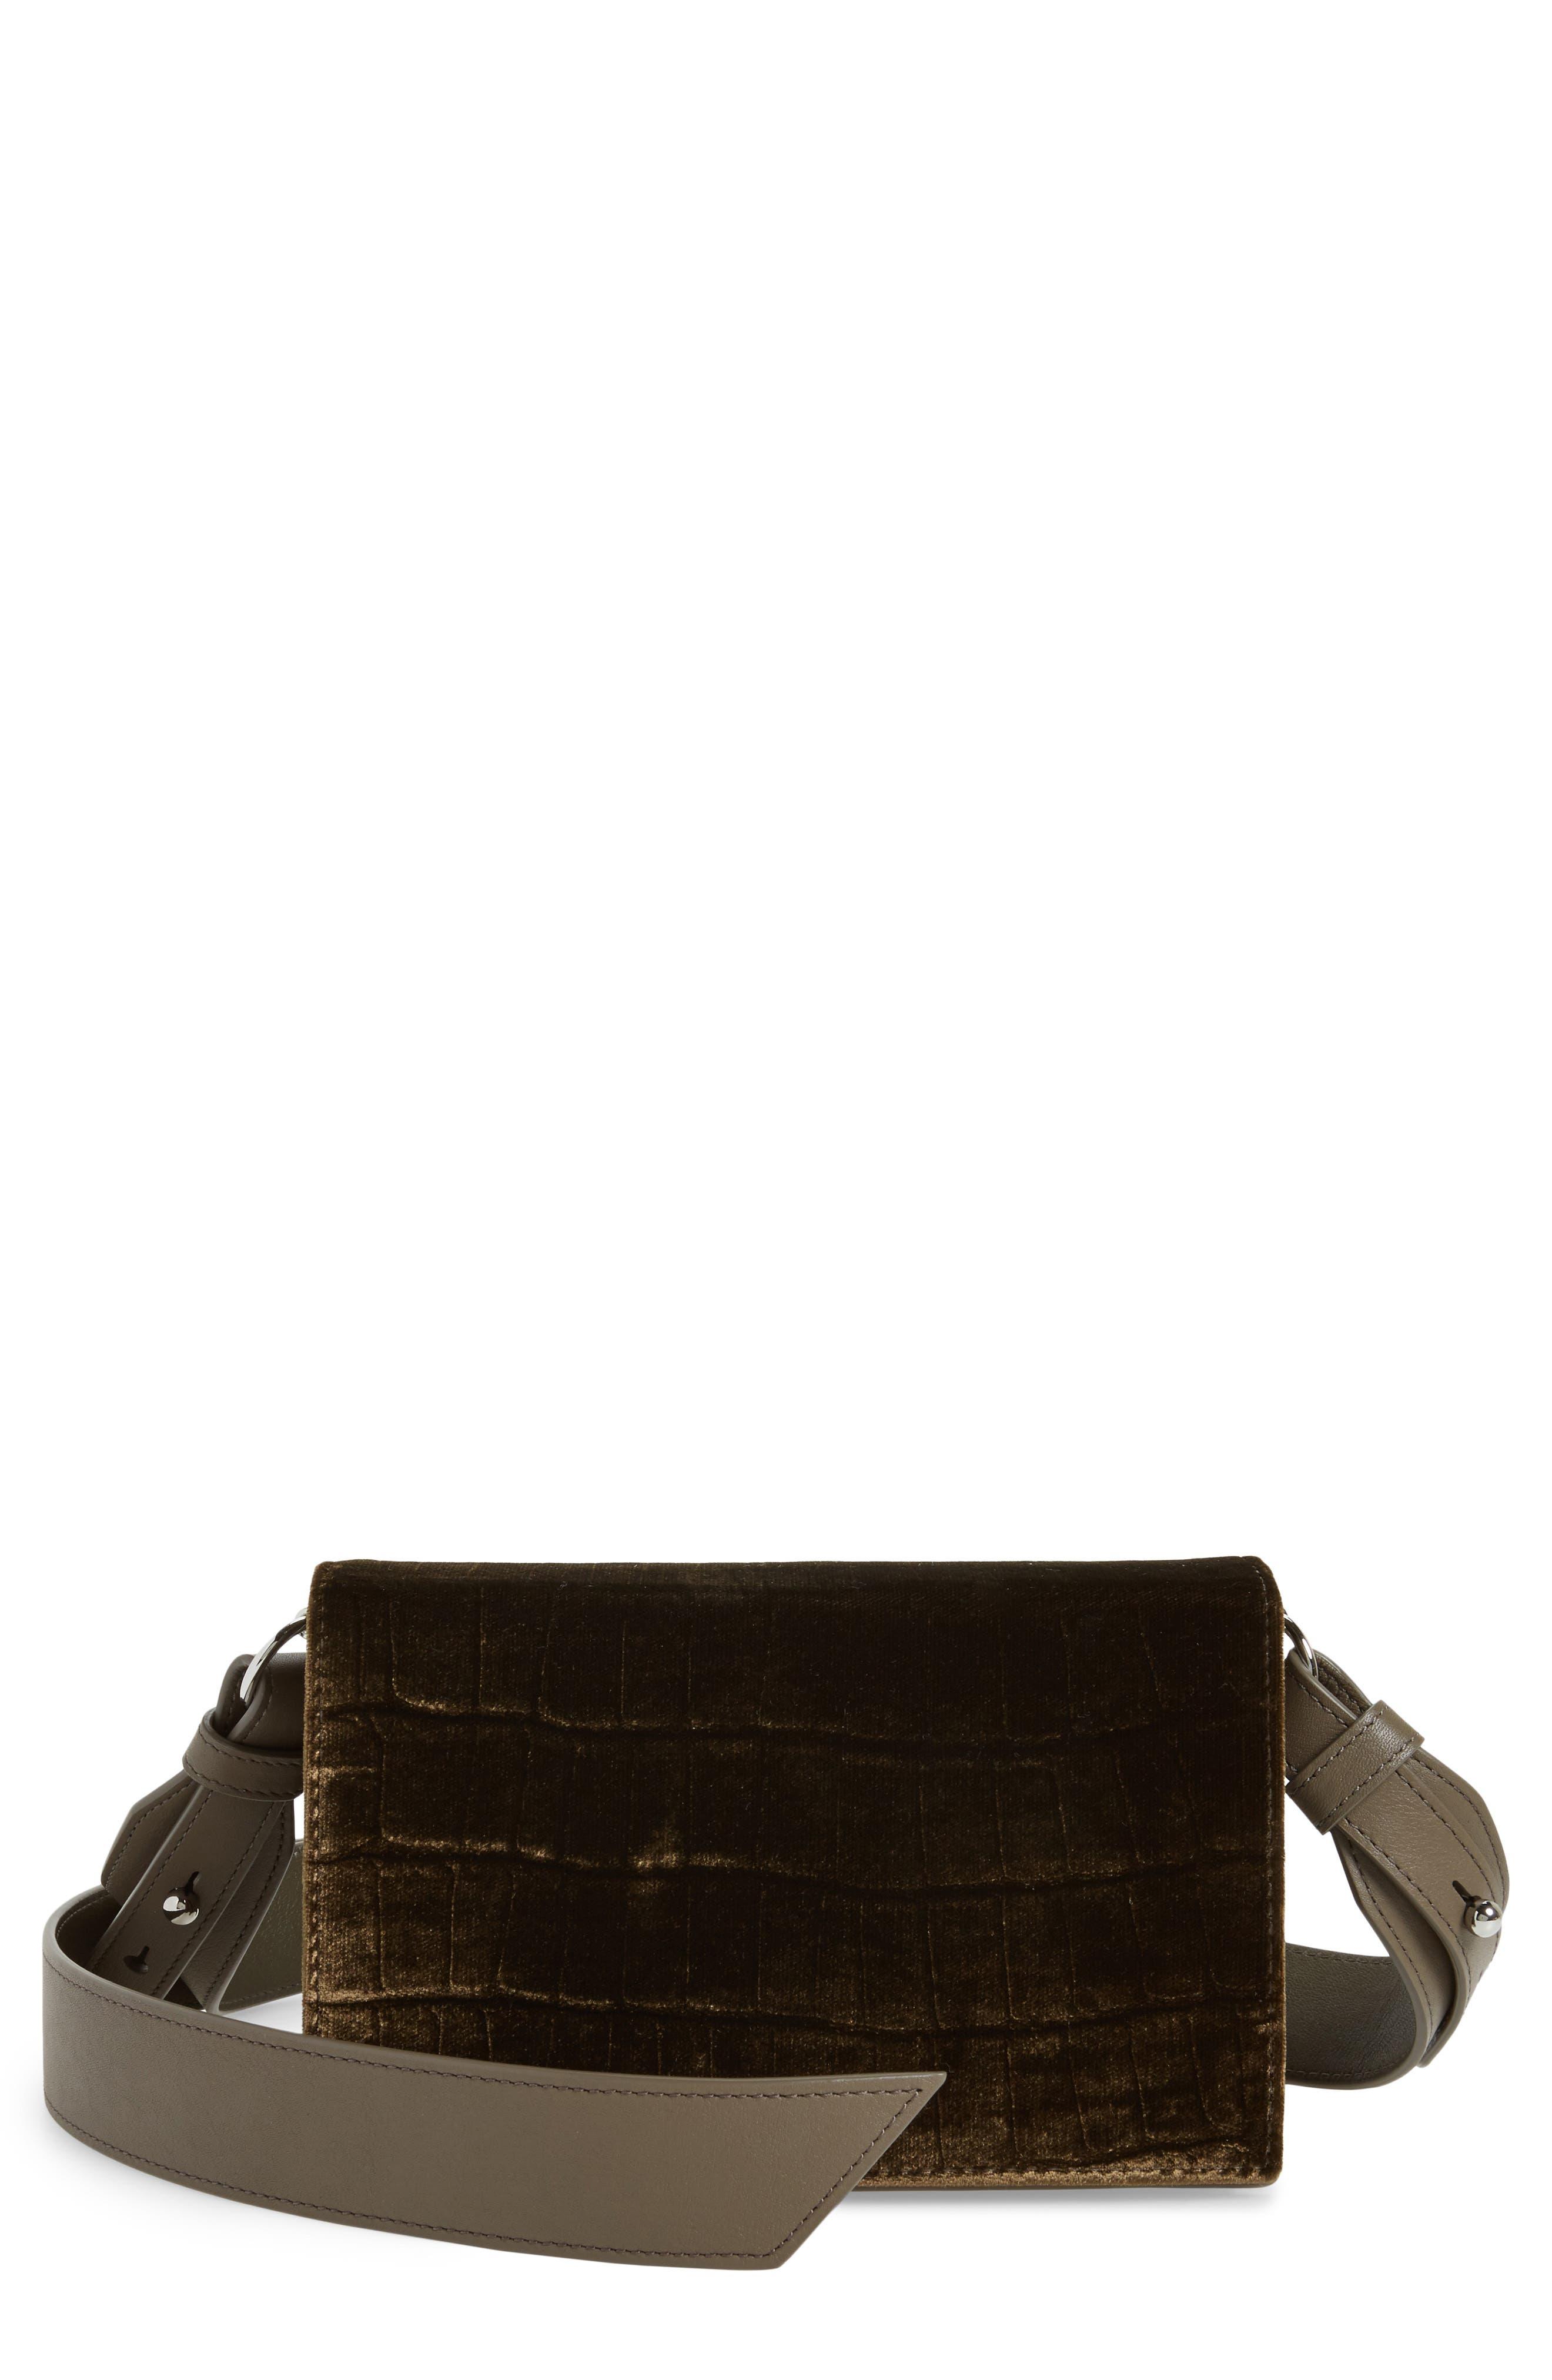 Keel Shoulder Bag,                             Main thumbnail 1, color,                             Mink Grey